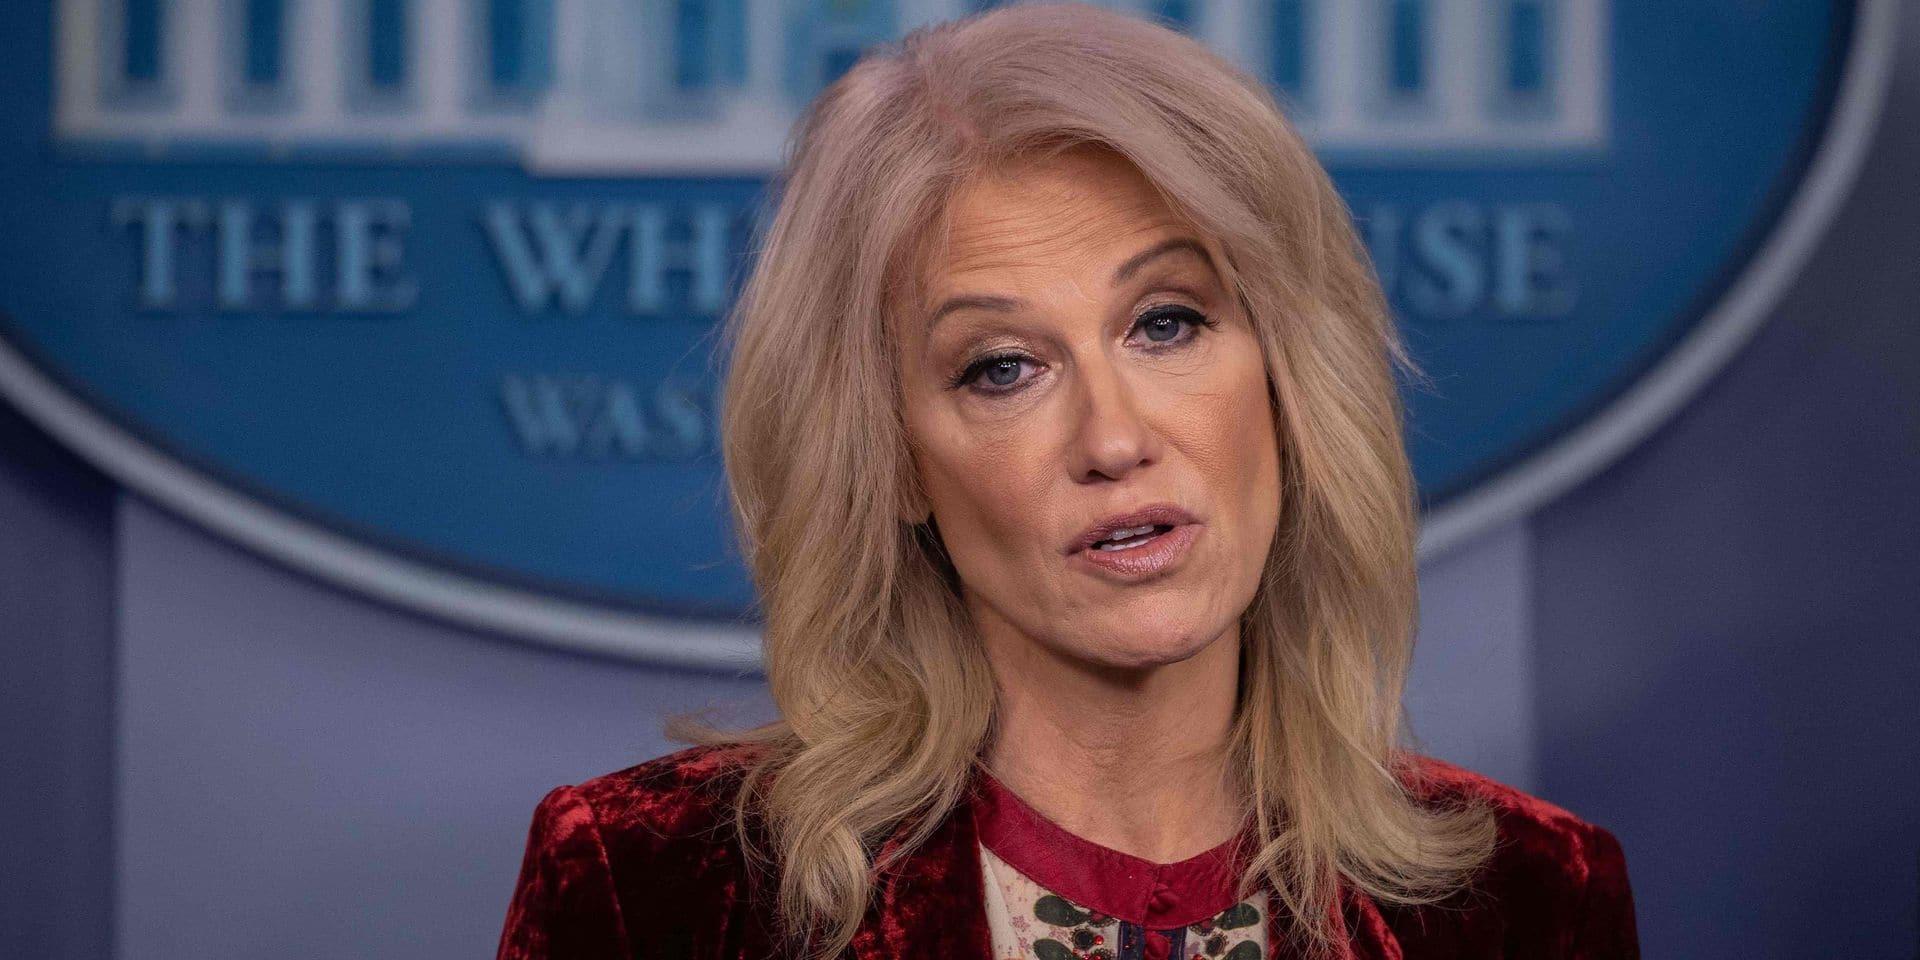 La proche conseillère de Trump, Kellyanne Conway, démissionne